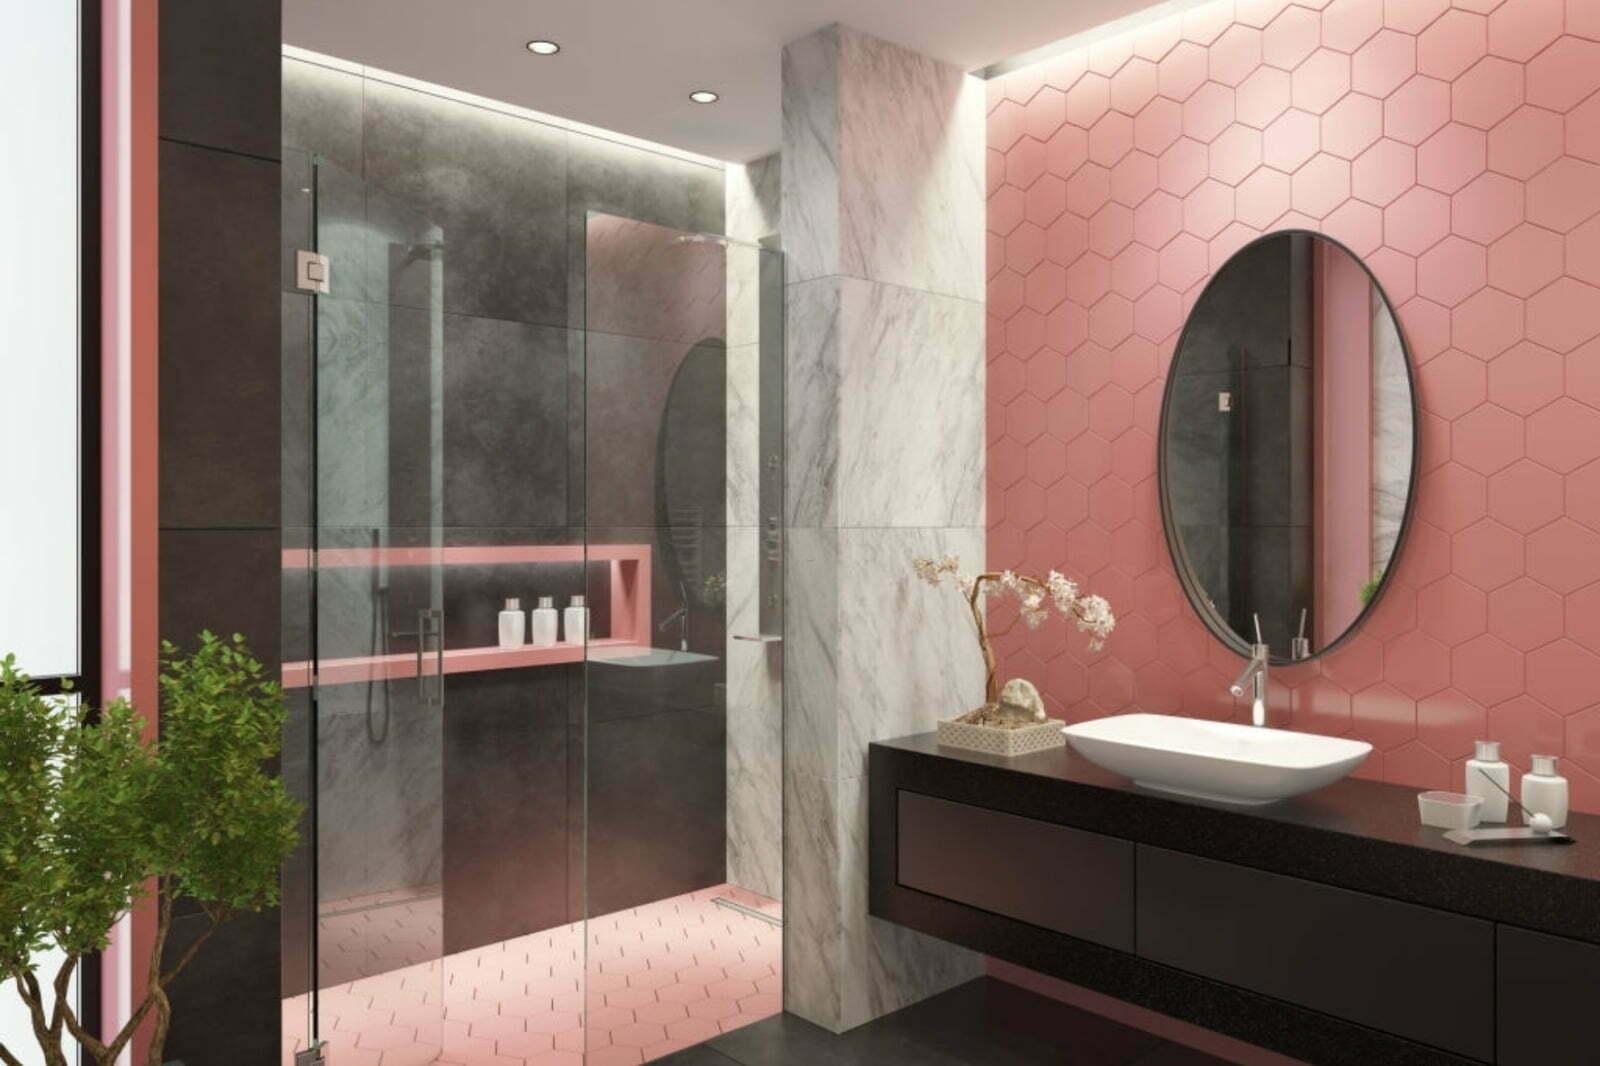 foley remodeling bathroom remodel trends